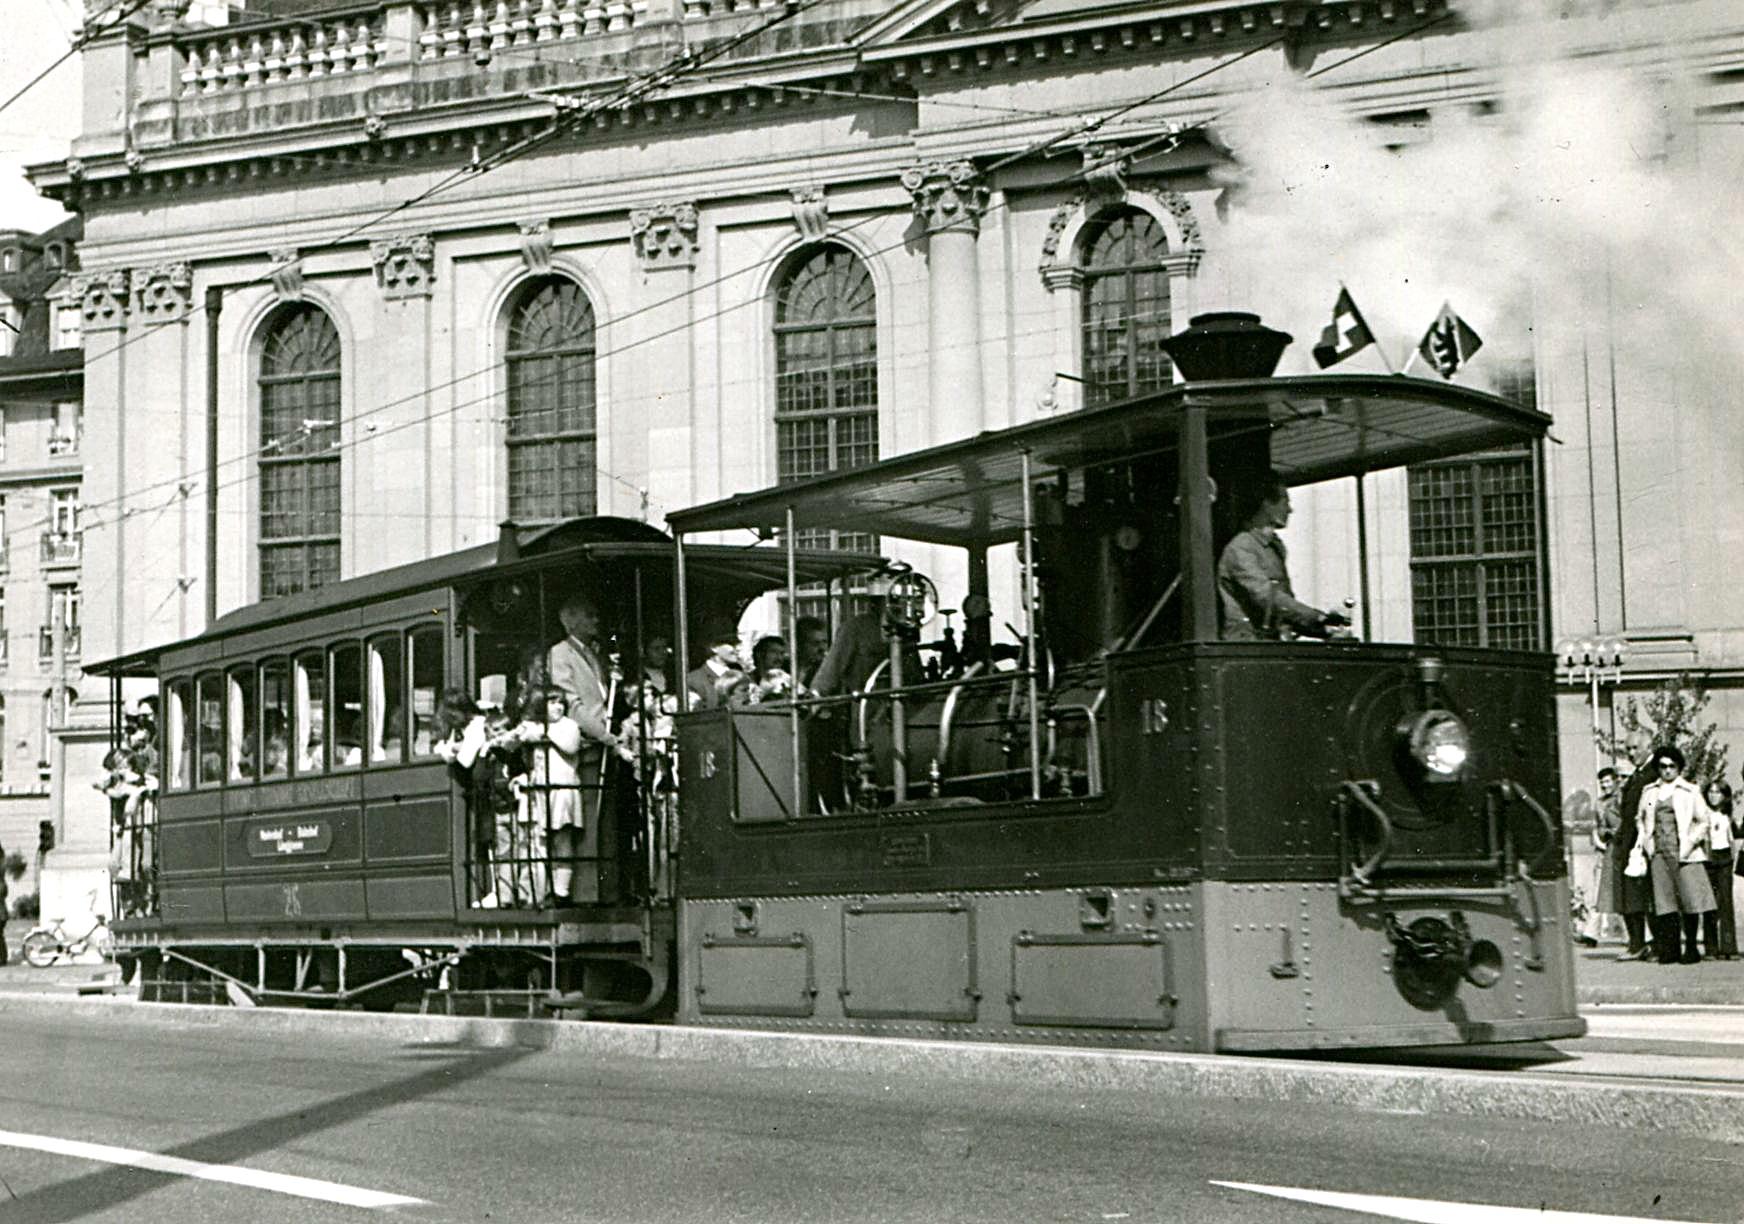 le d u00e9but des tramways neuch u00e2telois